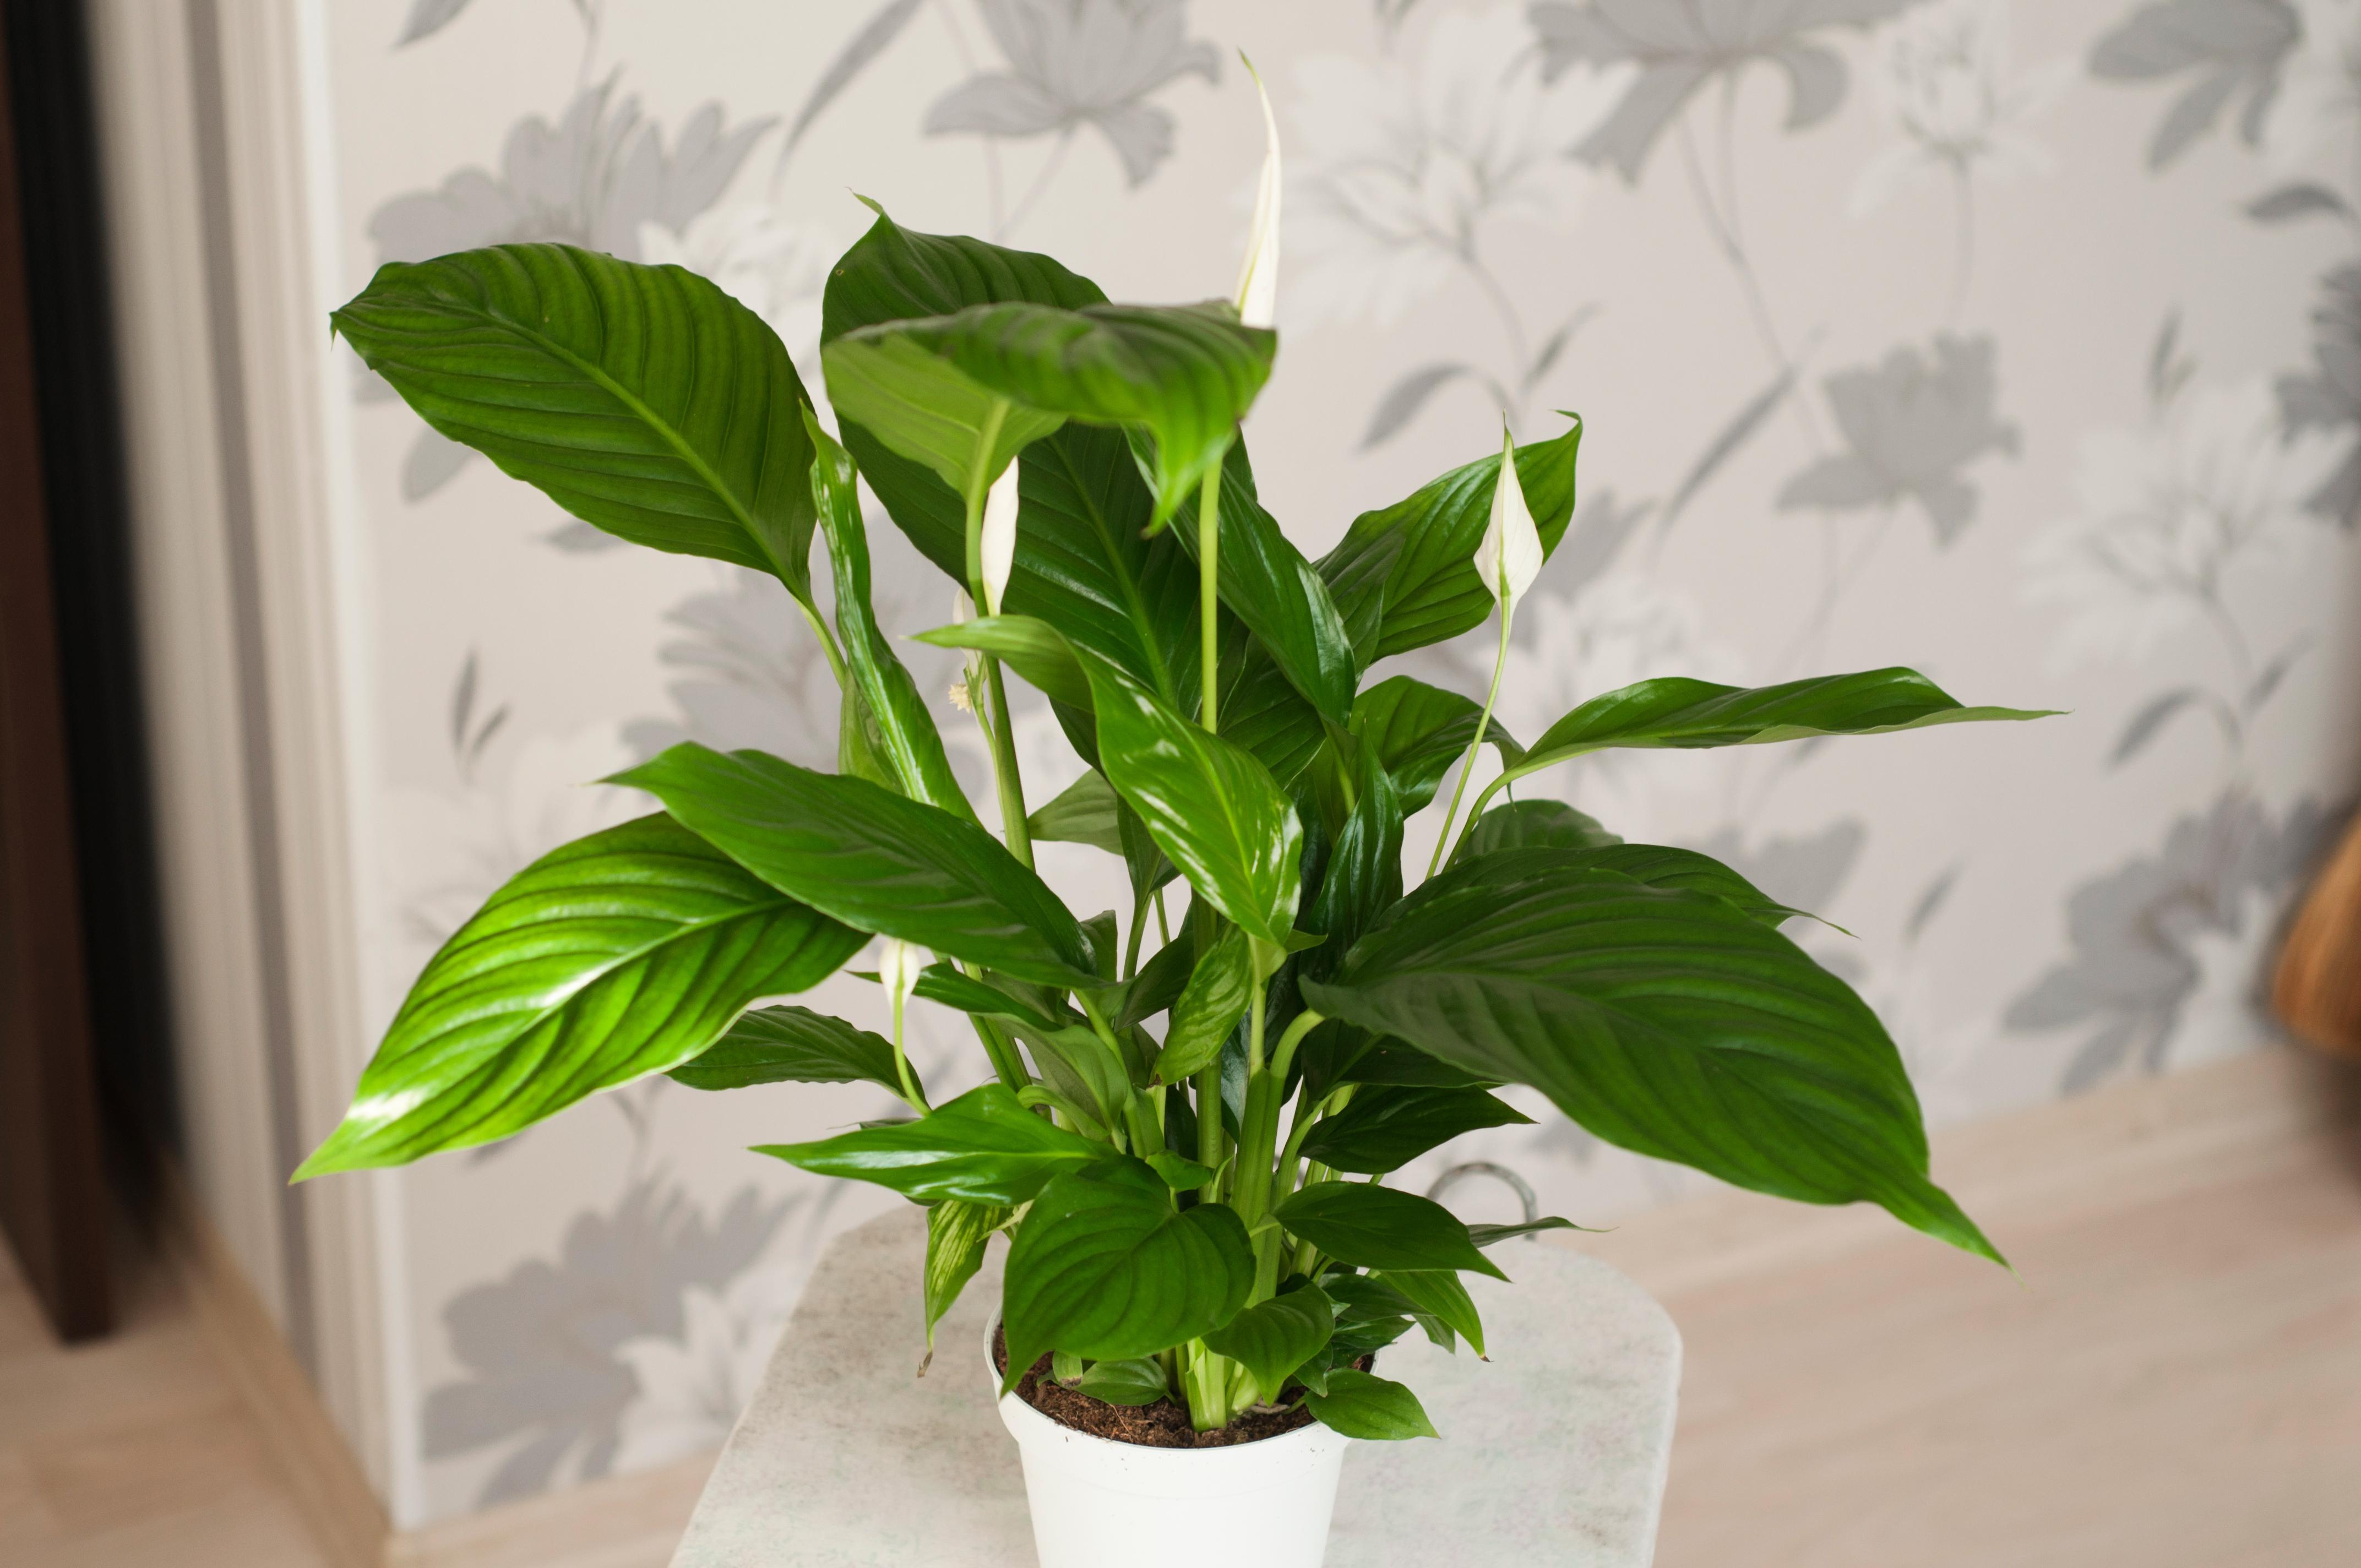 Lepelplant, top vijf kamerplanten